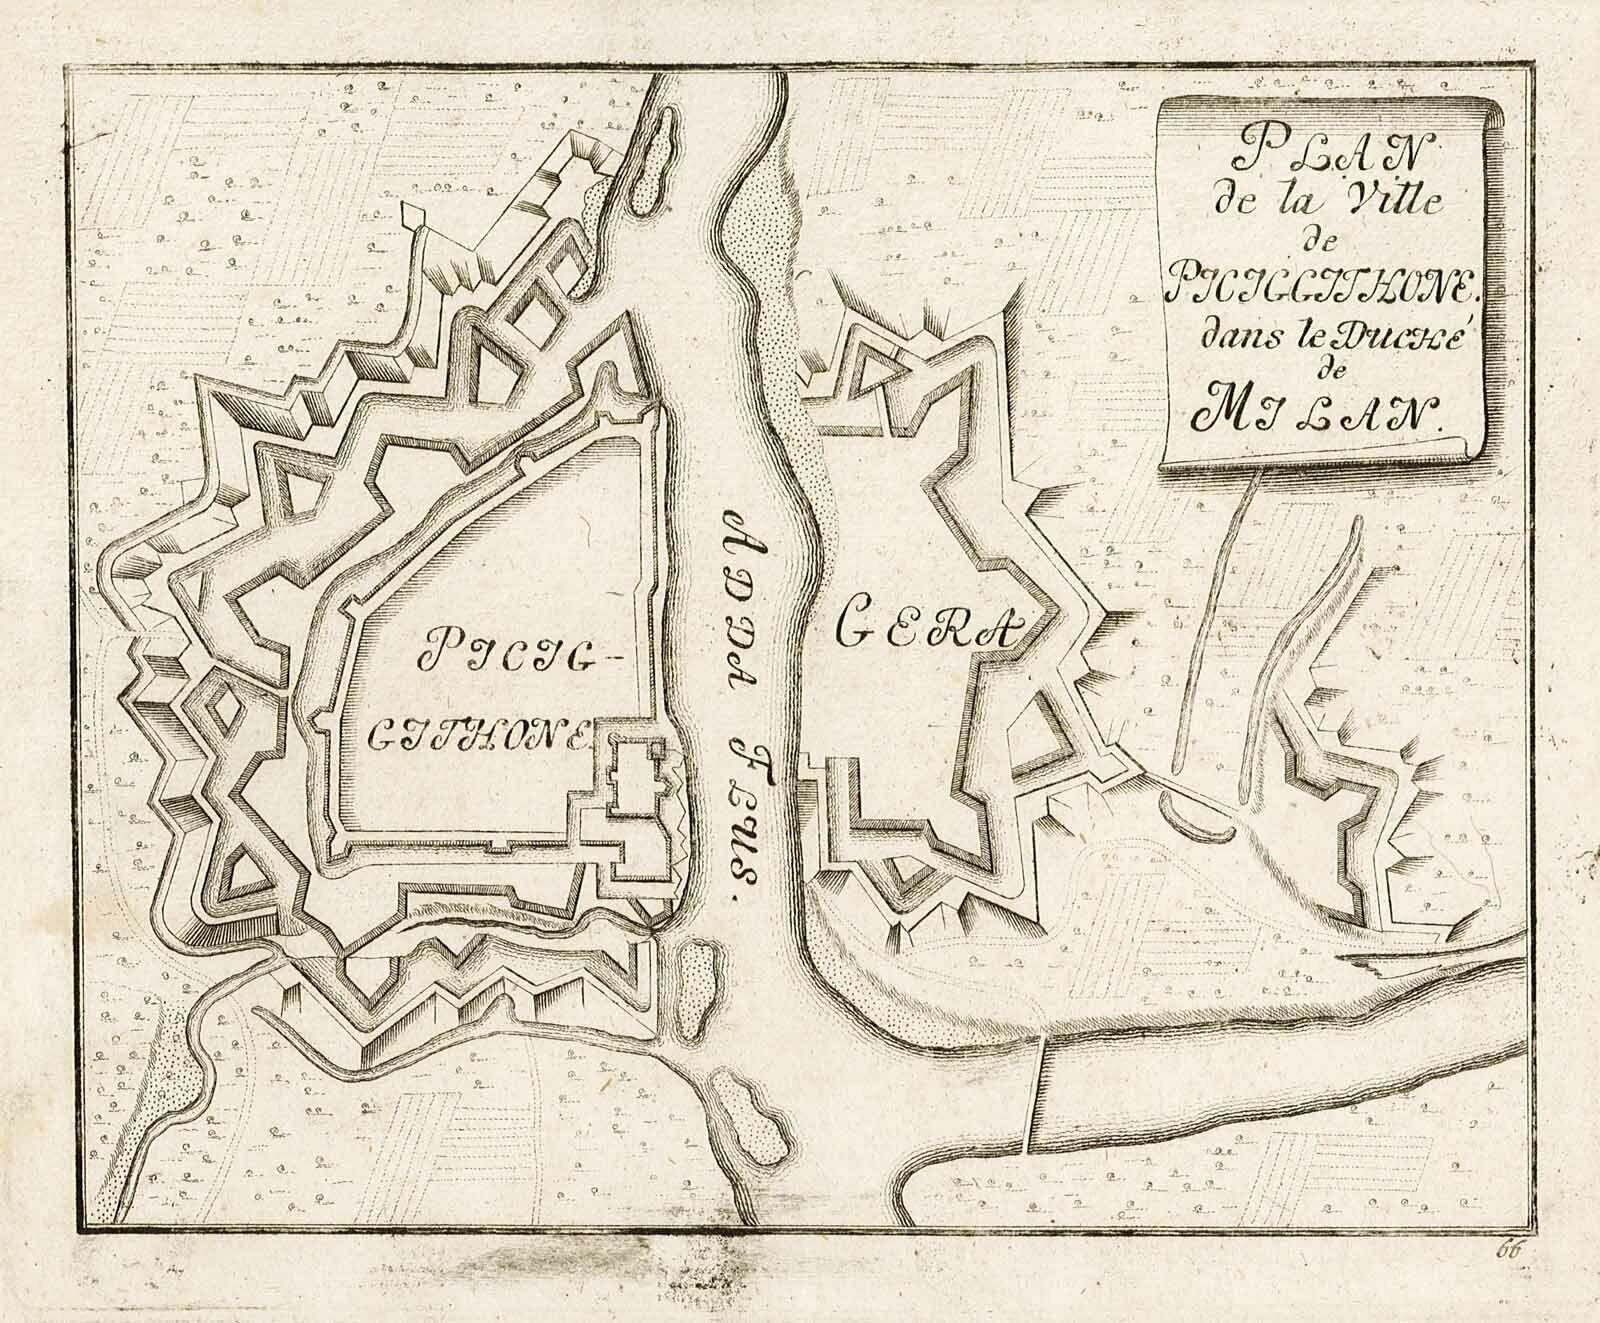 Pianta-planimetrica-antica-originale-Pizzighettone-1727.jpg